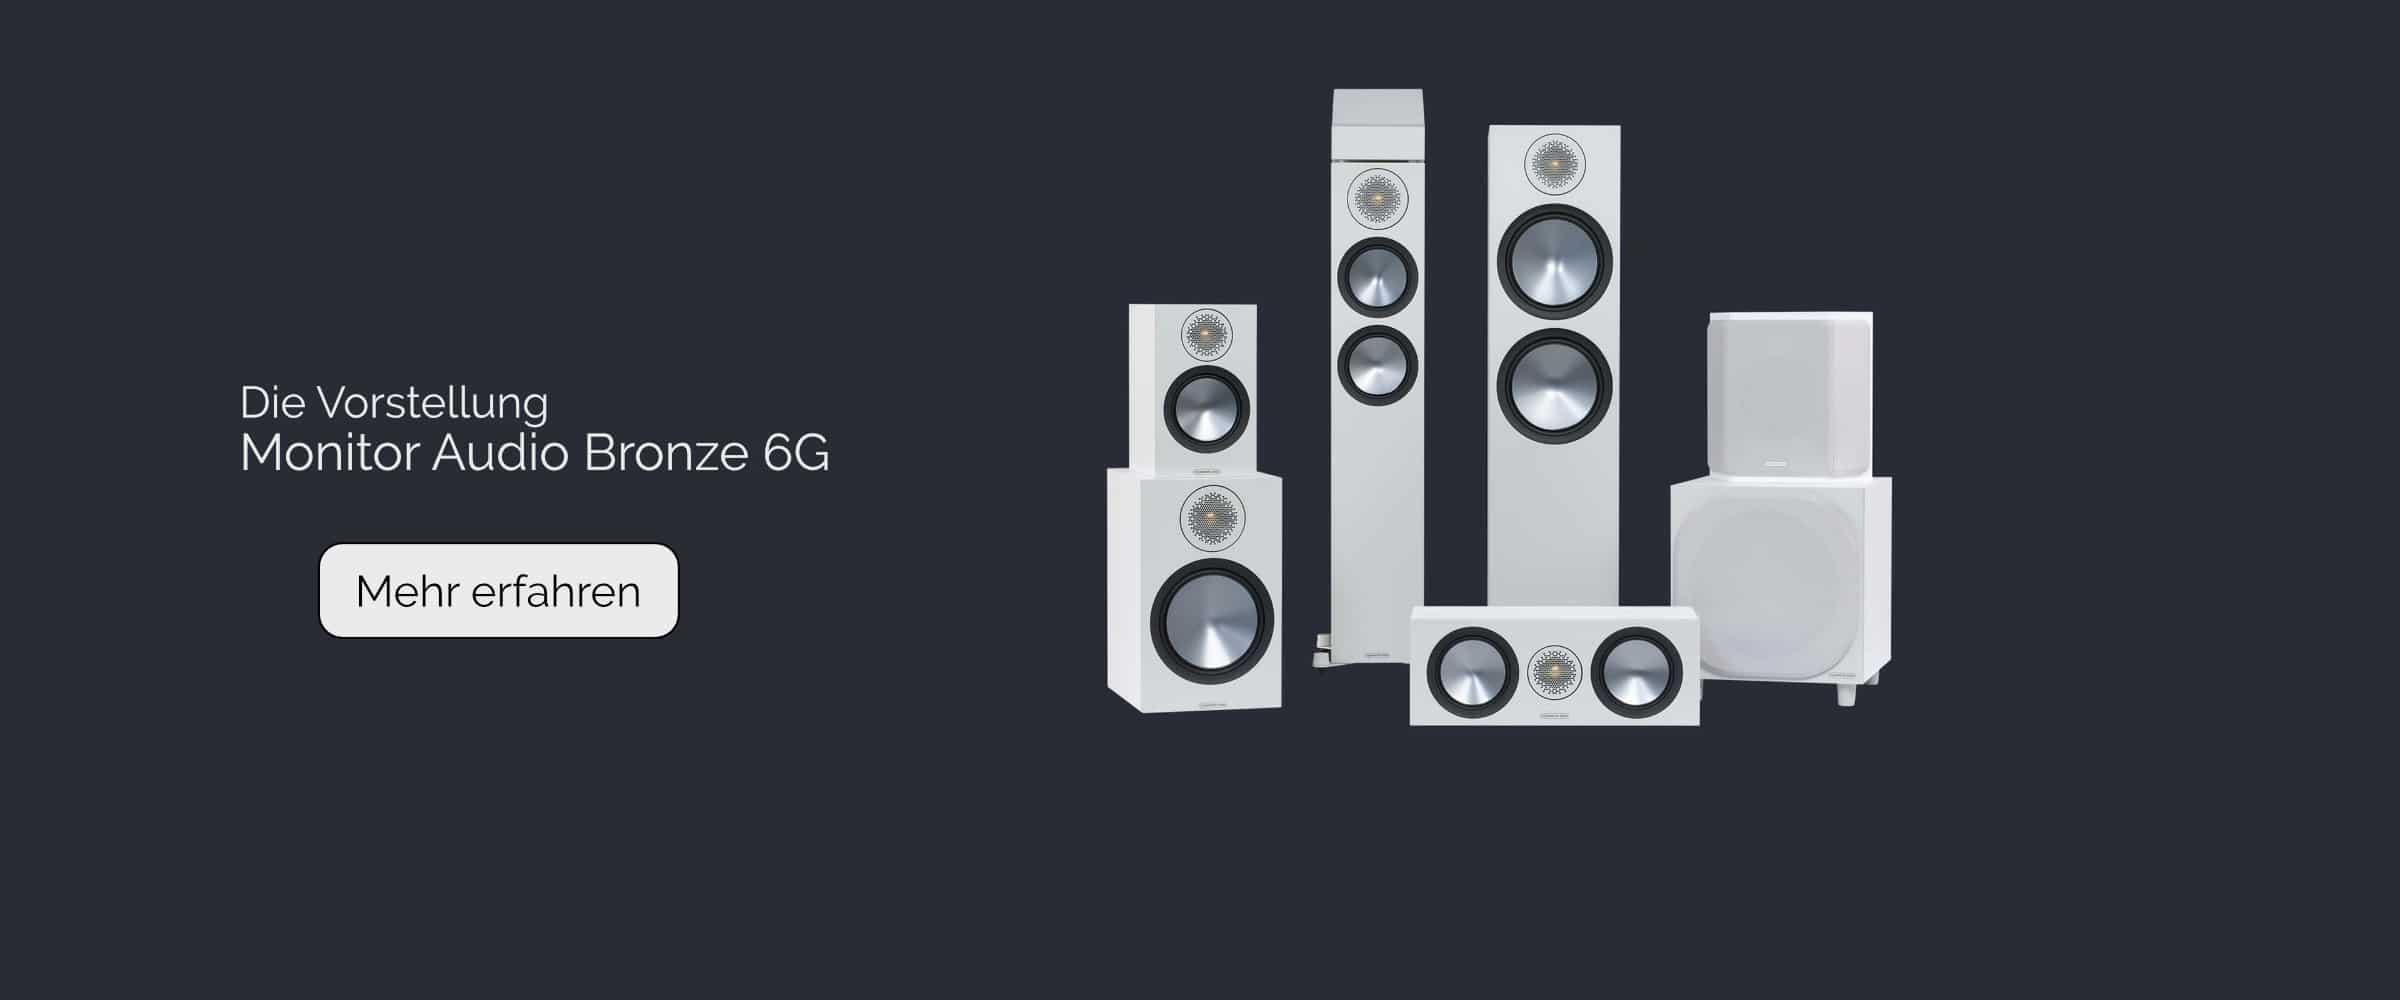 Monitor Audio Bronze 6G-Slider V2